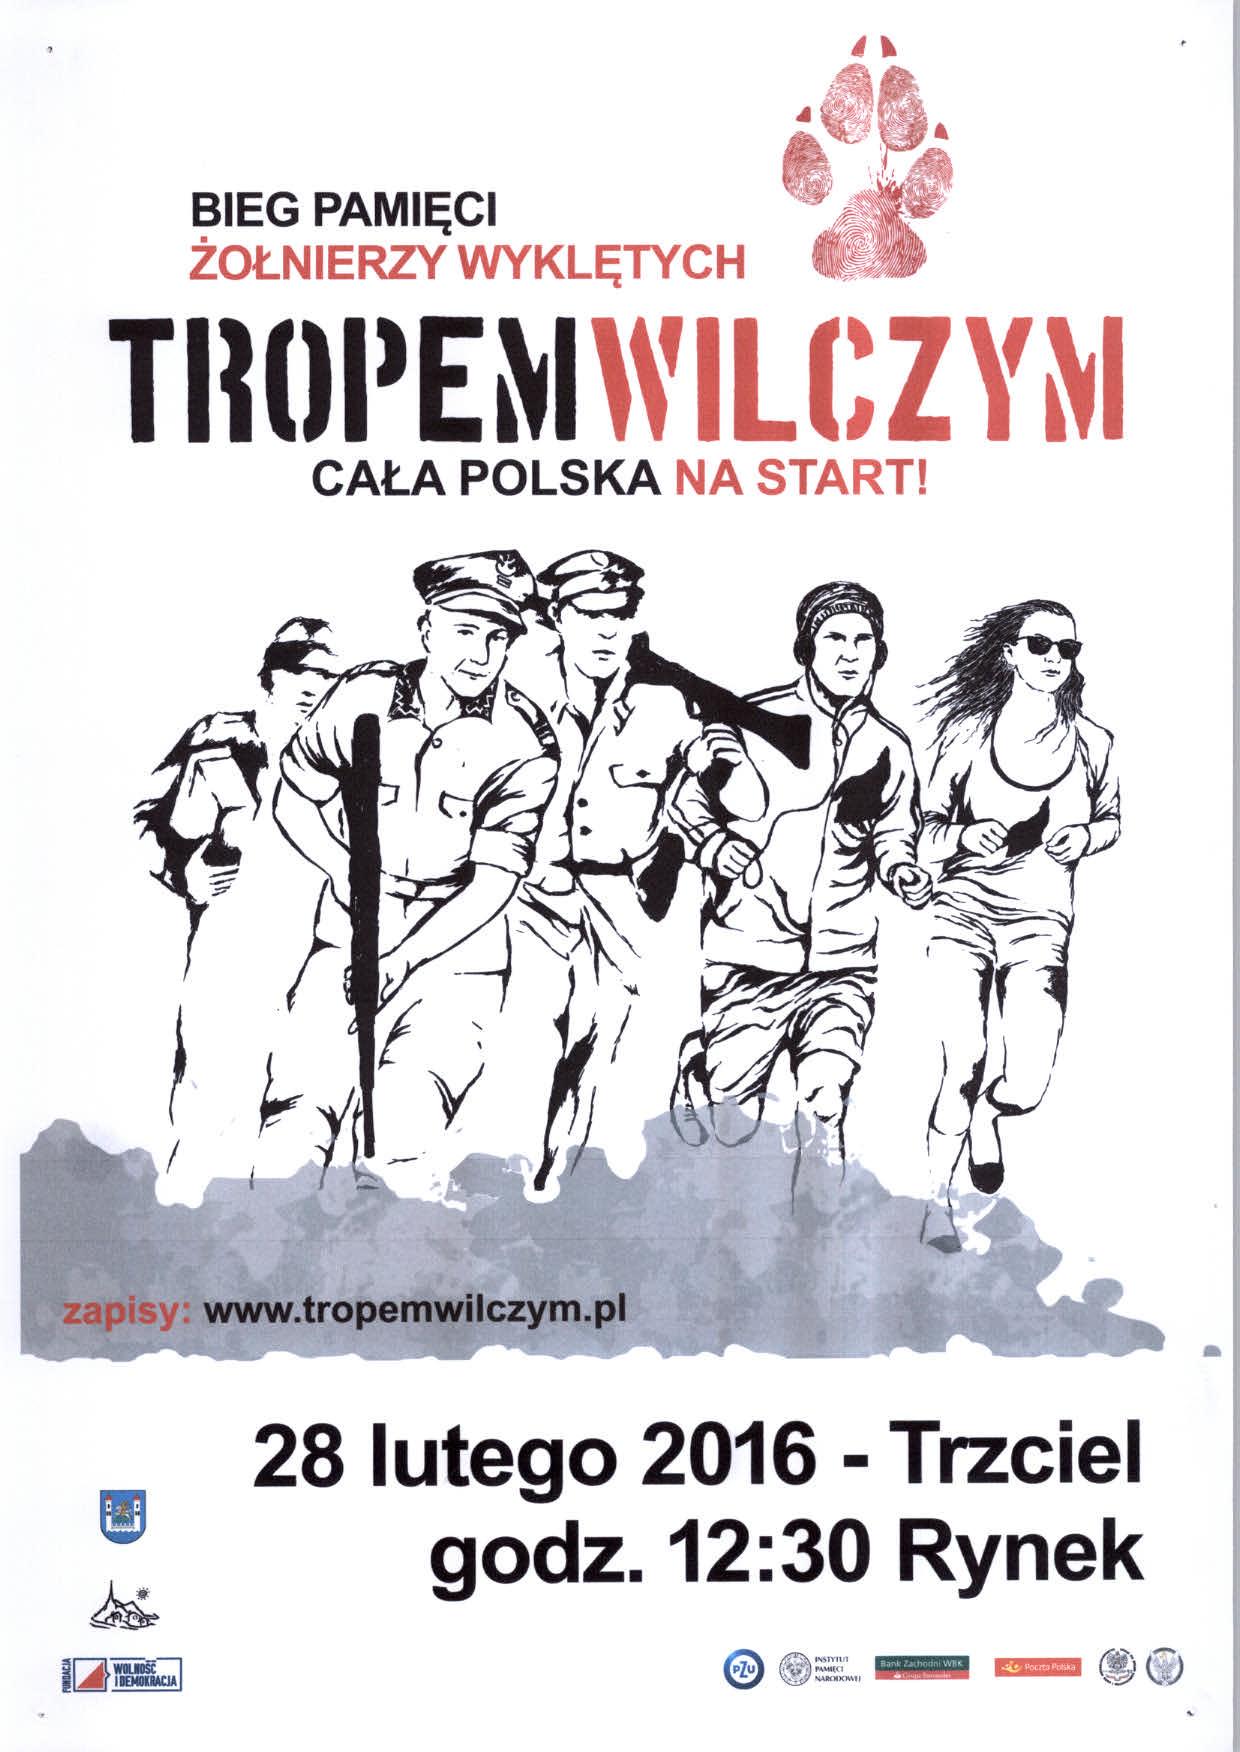 28 luty 2016 – Bieg Pamięci żołnierzy wyklętych